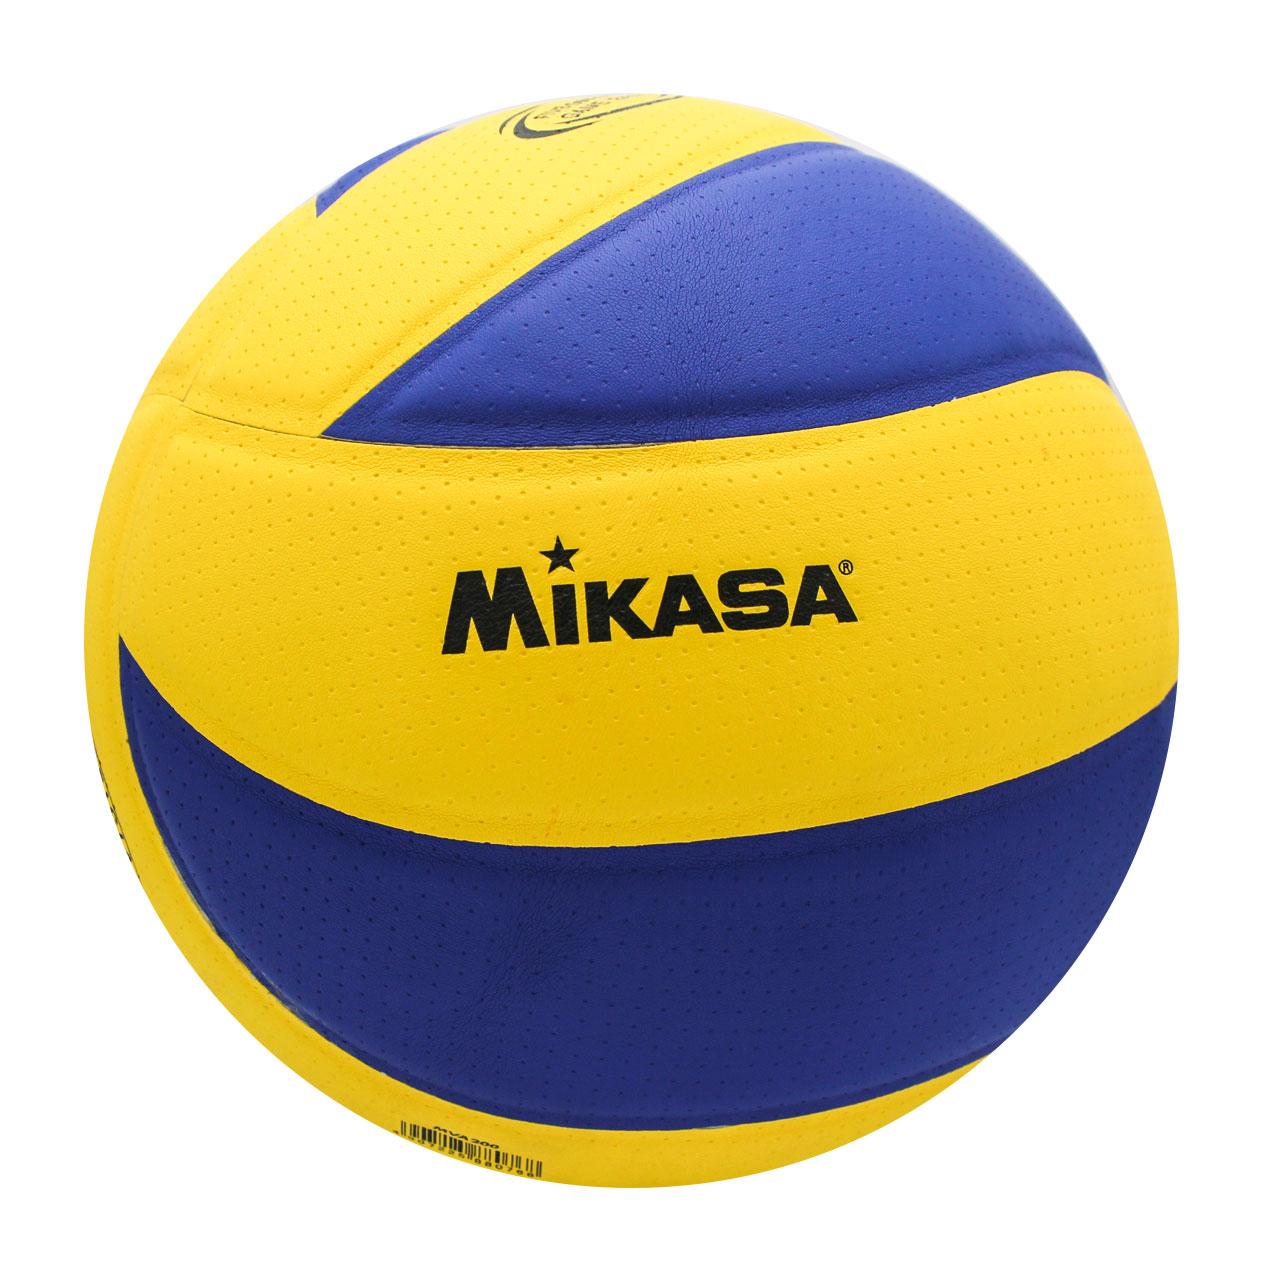 توپ والیبال میکاسا مدل MVA200